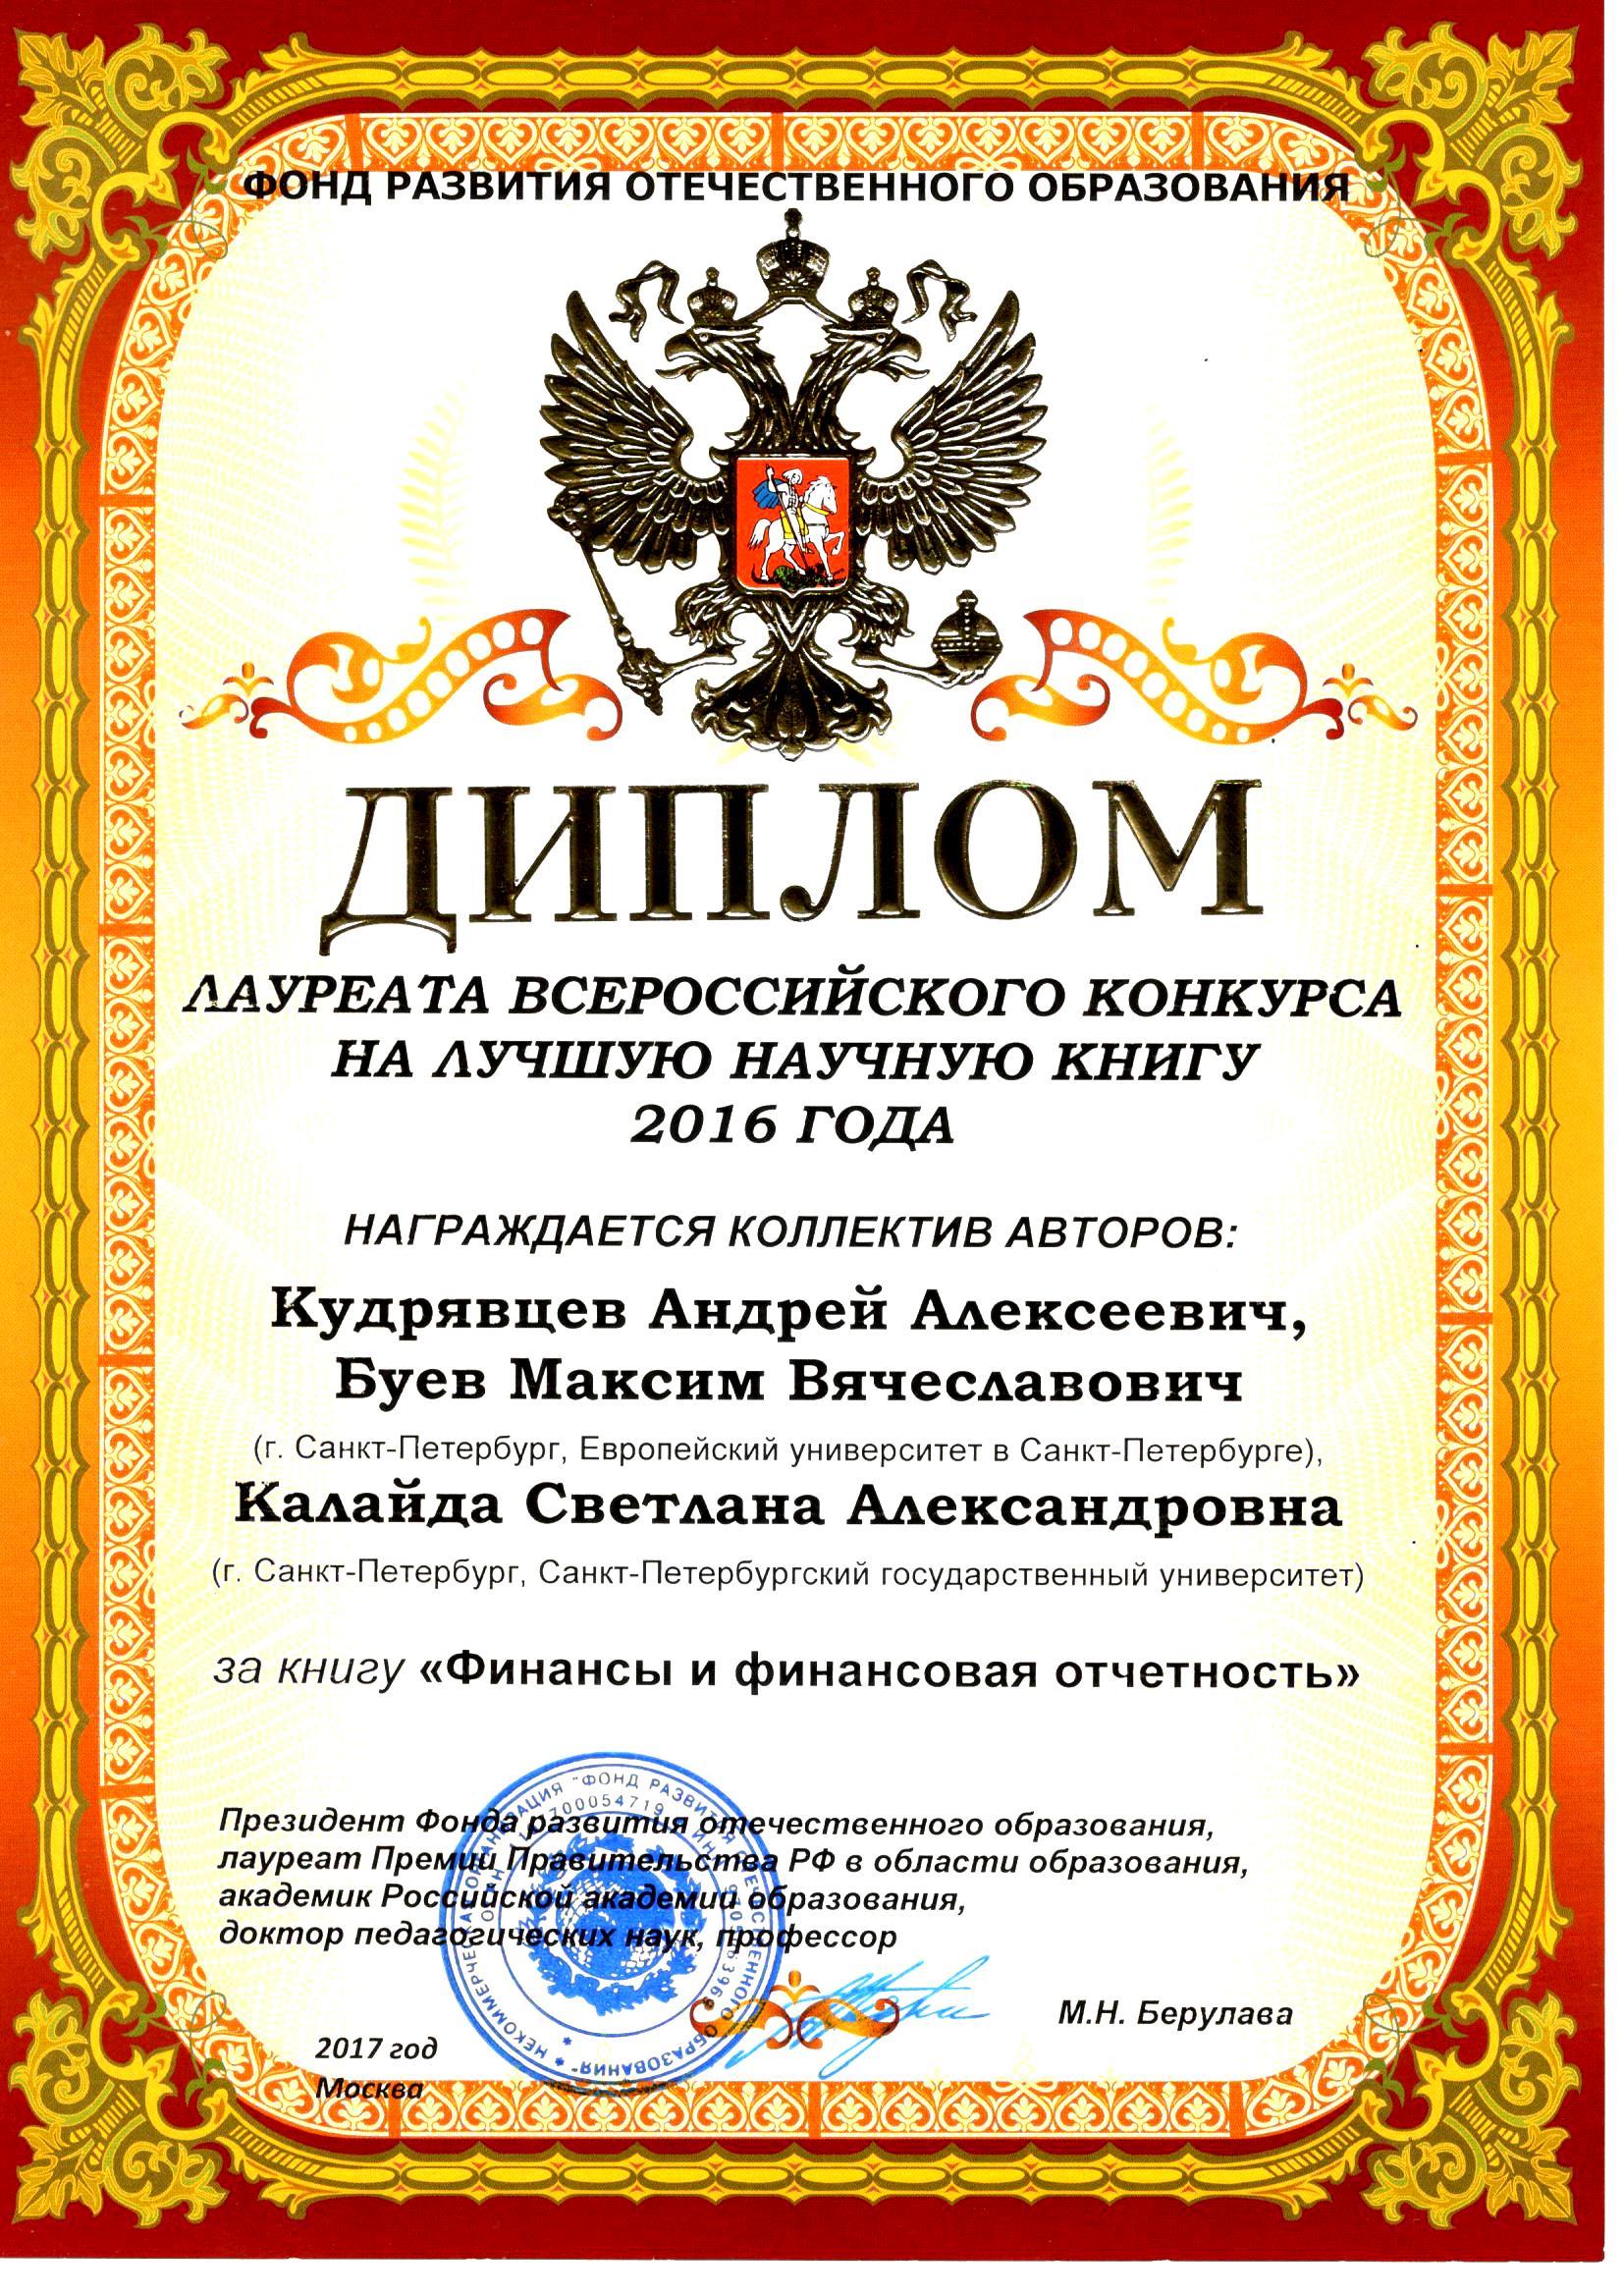 Санкт Петербург ФИНАНСЫ И ФИНАНСОВАЯ ОТЧЕТНОСТЬ БезФормата ru  economist diploma ЕУСПб